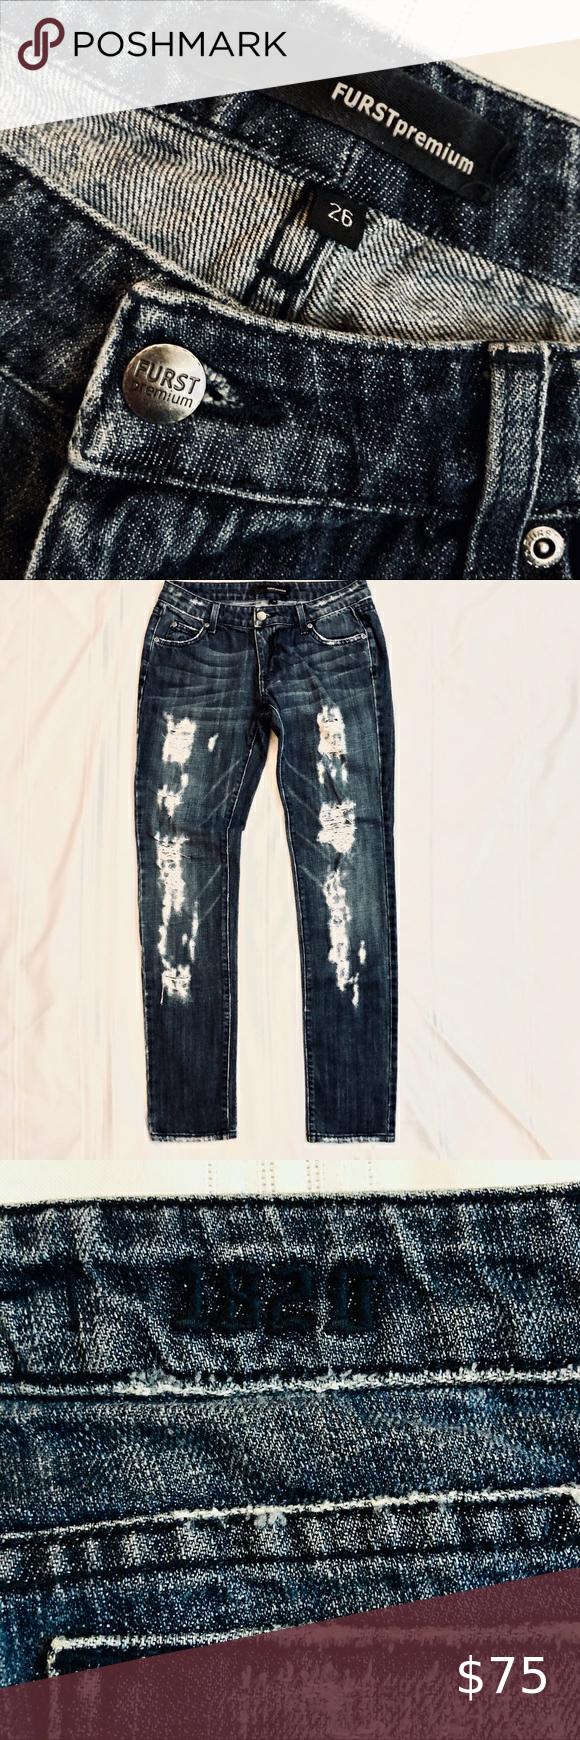 FURST PREMIUM Distressed Jeans in 2020 Distressed denim